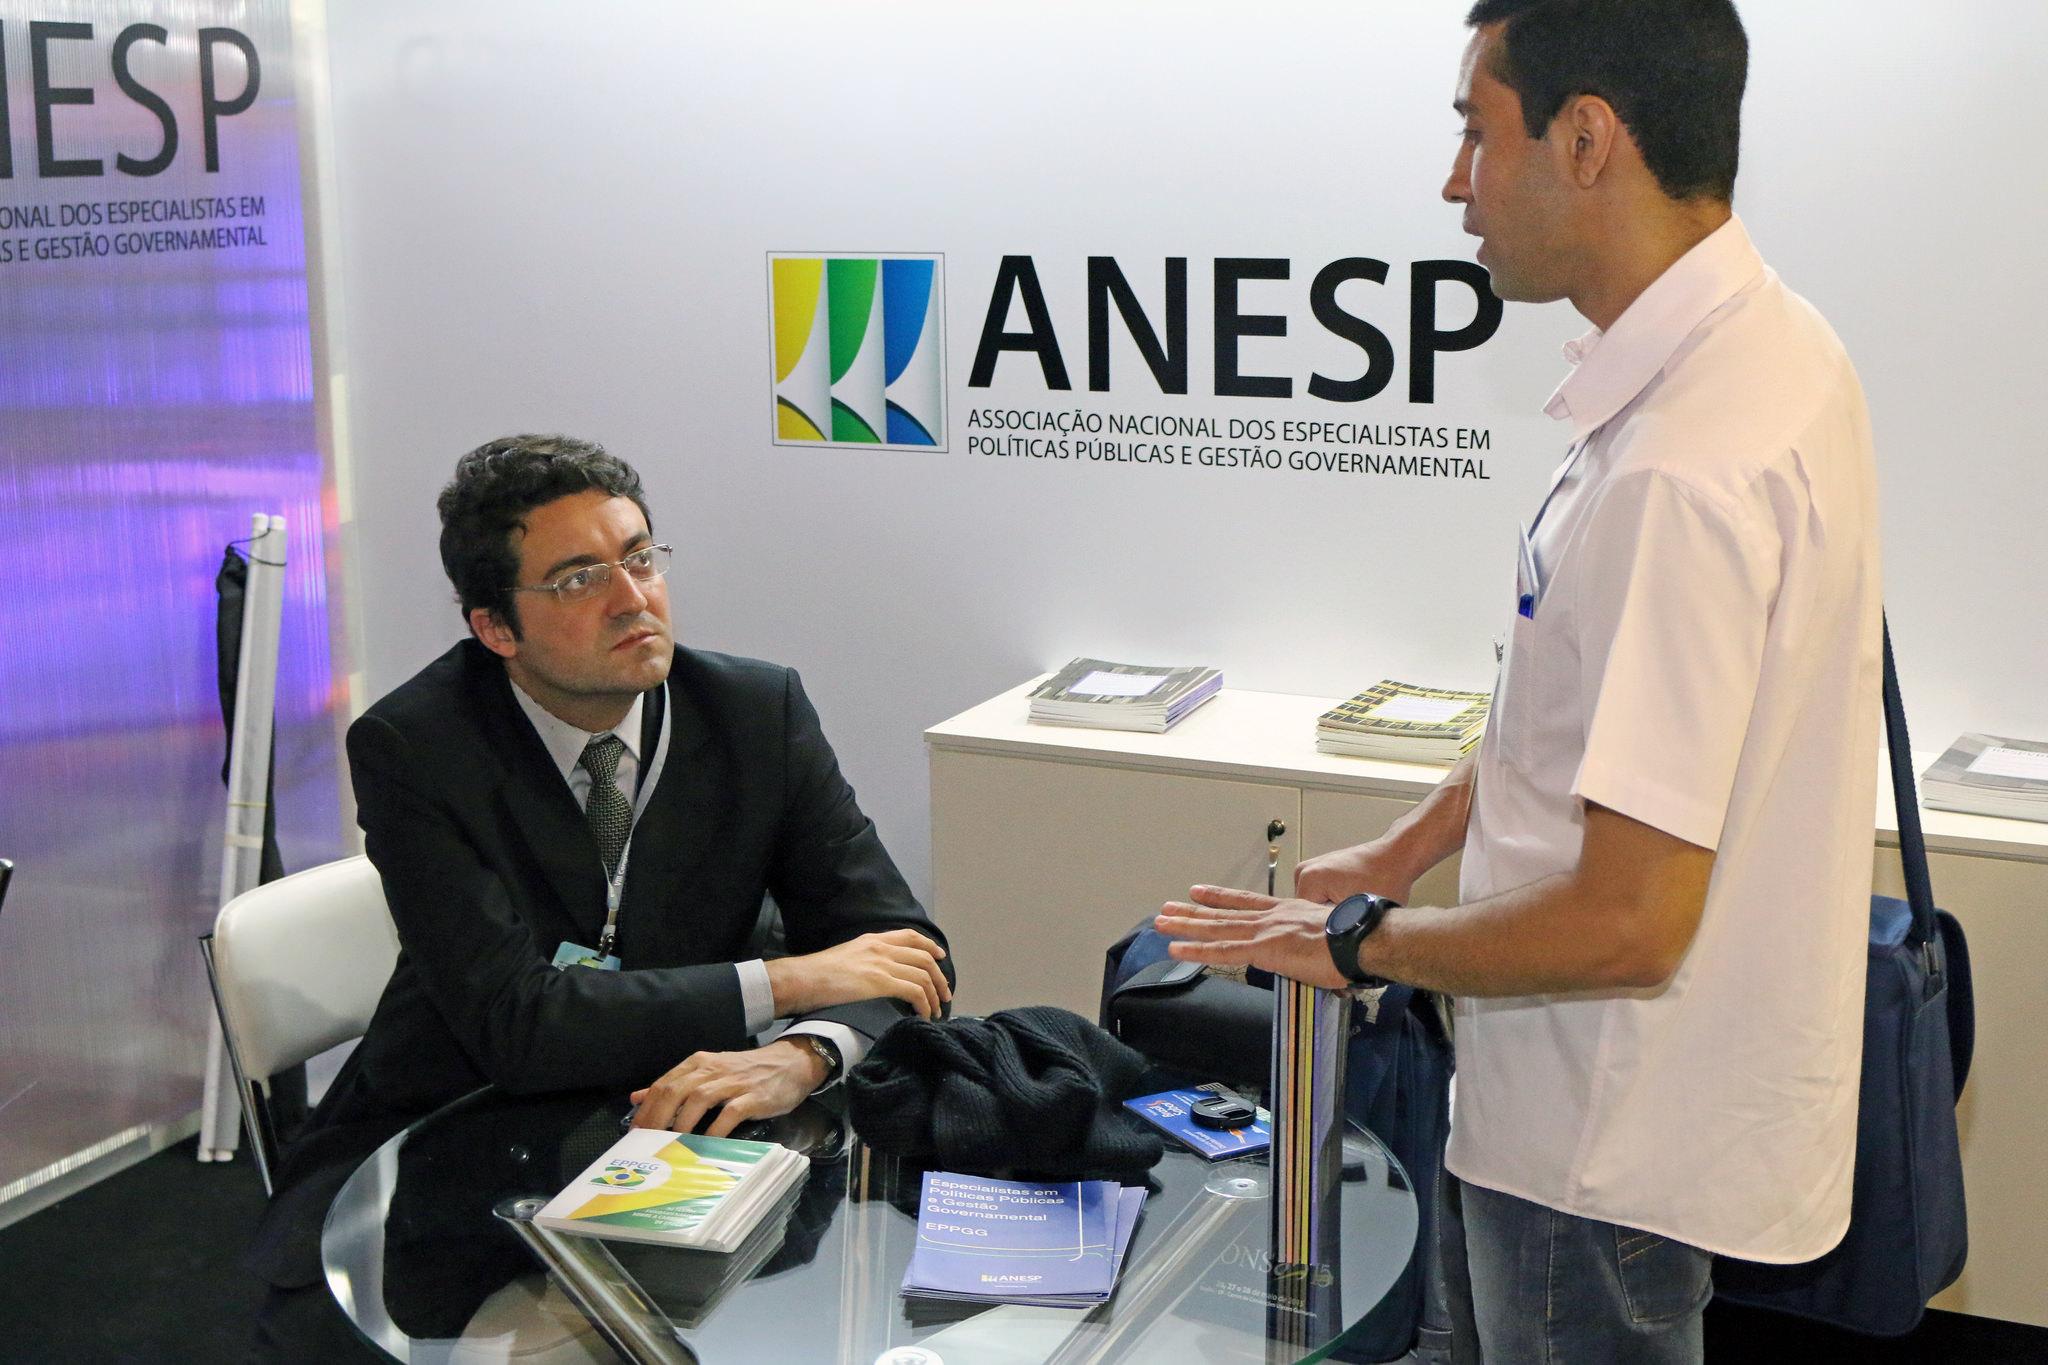 Diretor Alex Canuto no estande da ANESP conversando com o público